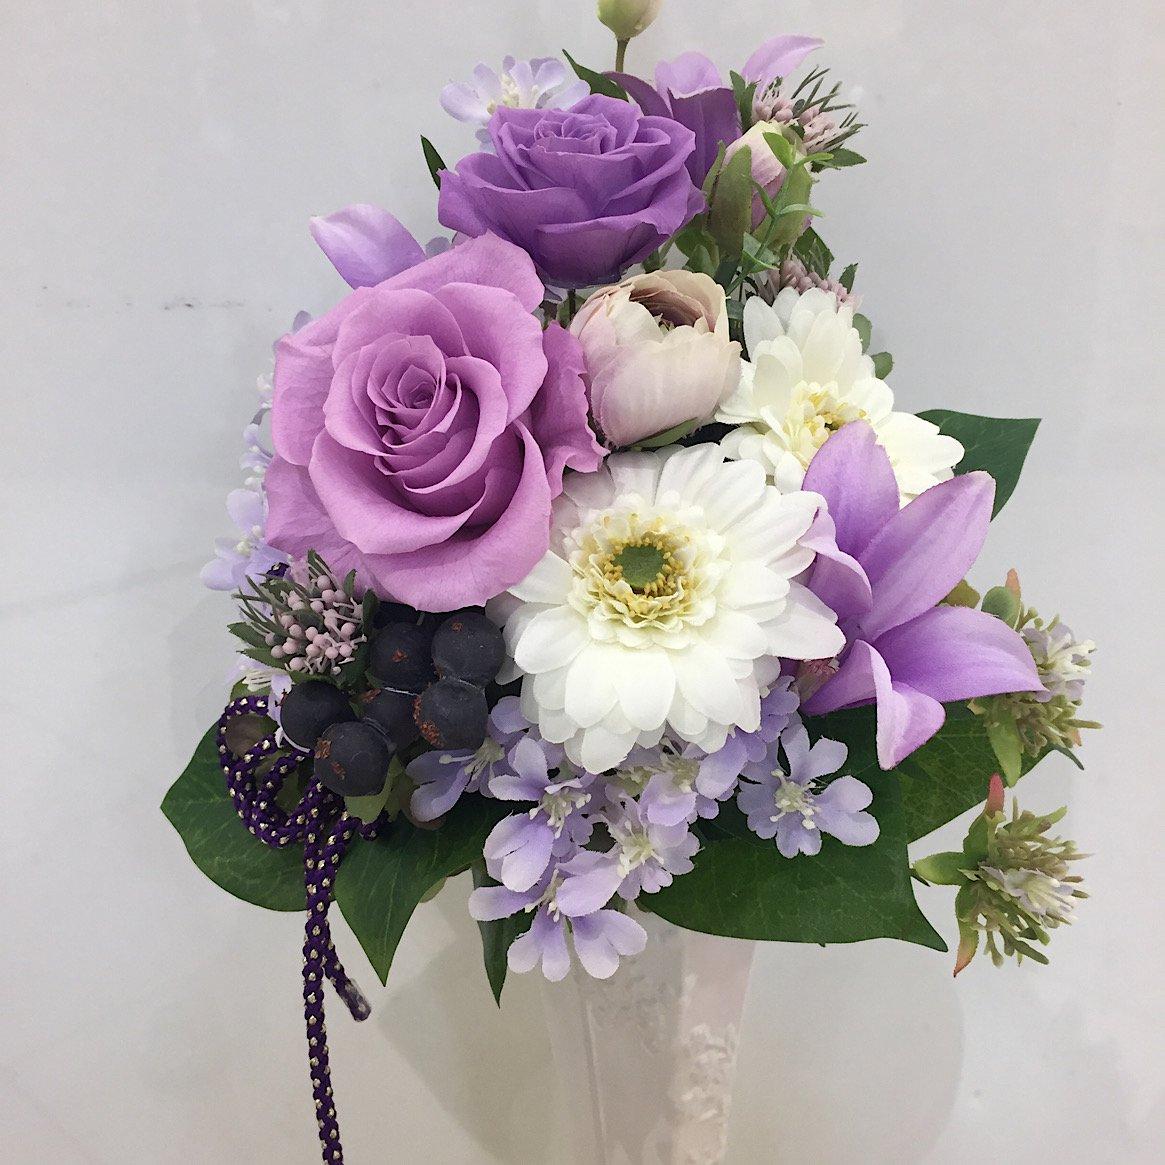 <お供え花に>紫のバラ&白のガーベラとクレマチスのプリザーブドフラワーアレンジメント